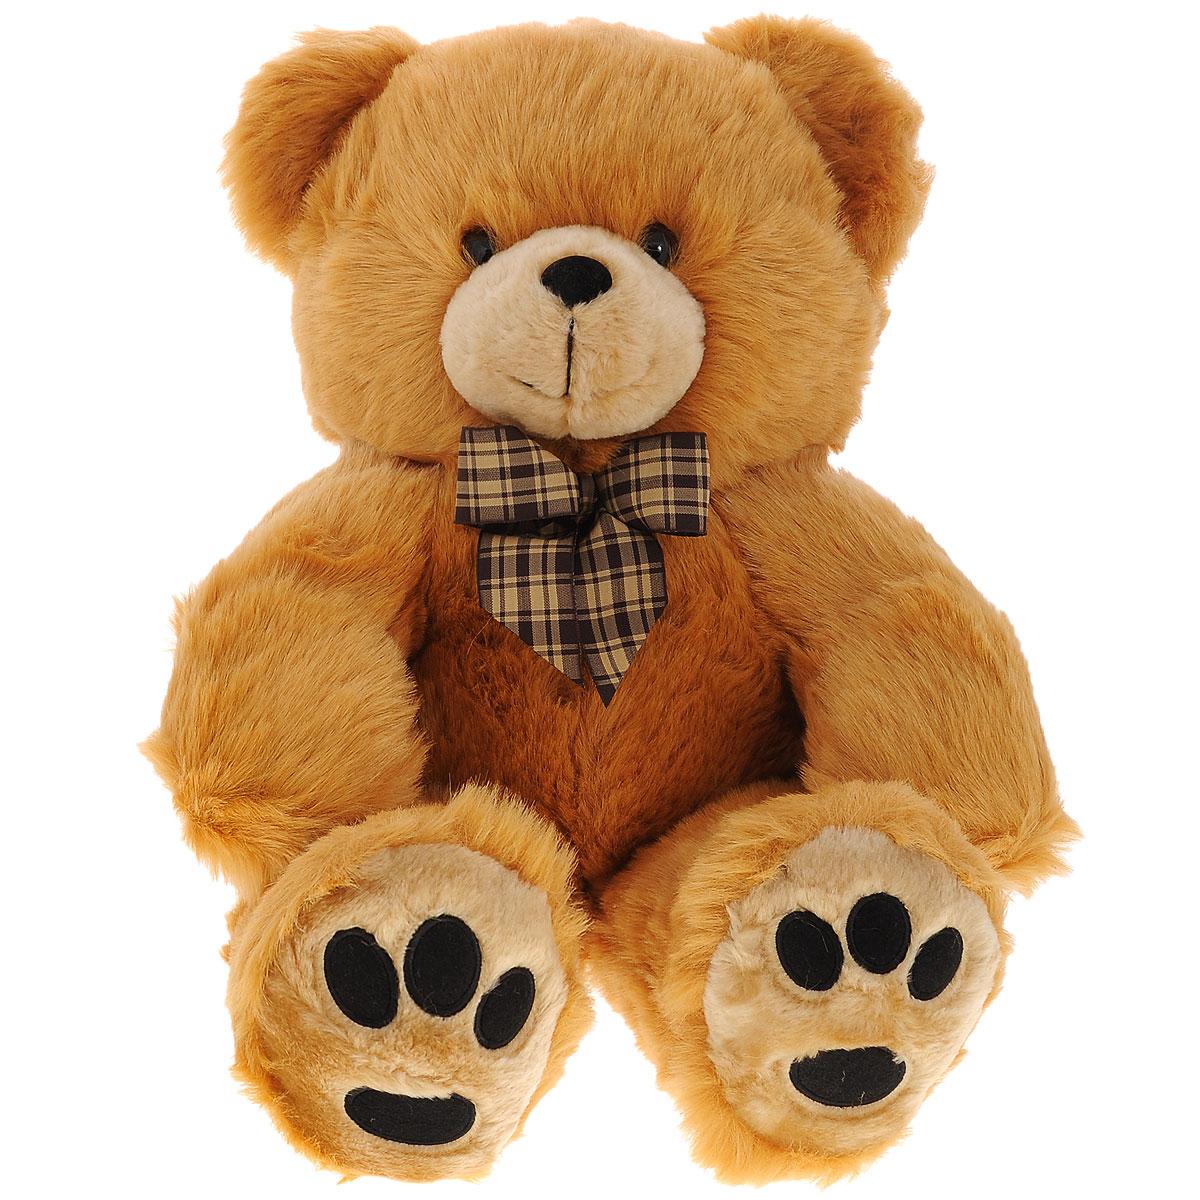 Мягкая игрушка Plush Apple Бурый медведь, 57 смK11392AМягкая игрушка Plush Apple Бурый медведь не оставит вас равнодушным и вызовет улыбку у каждого, кто ее увидит. Изделие изготовлено из приятных на ощупь и очень мягких материалов. Выполнена игрушка в виде симпатичного медведя с бантиком на шее. Глазки и носик выполнены из пластика. Такая игрушка будет радовать вашего ребенка, а также способствовать полноценному и гармоничному развитию его личности.